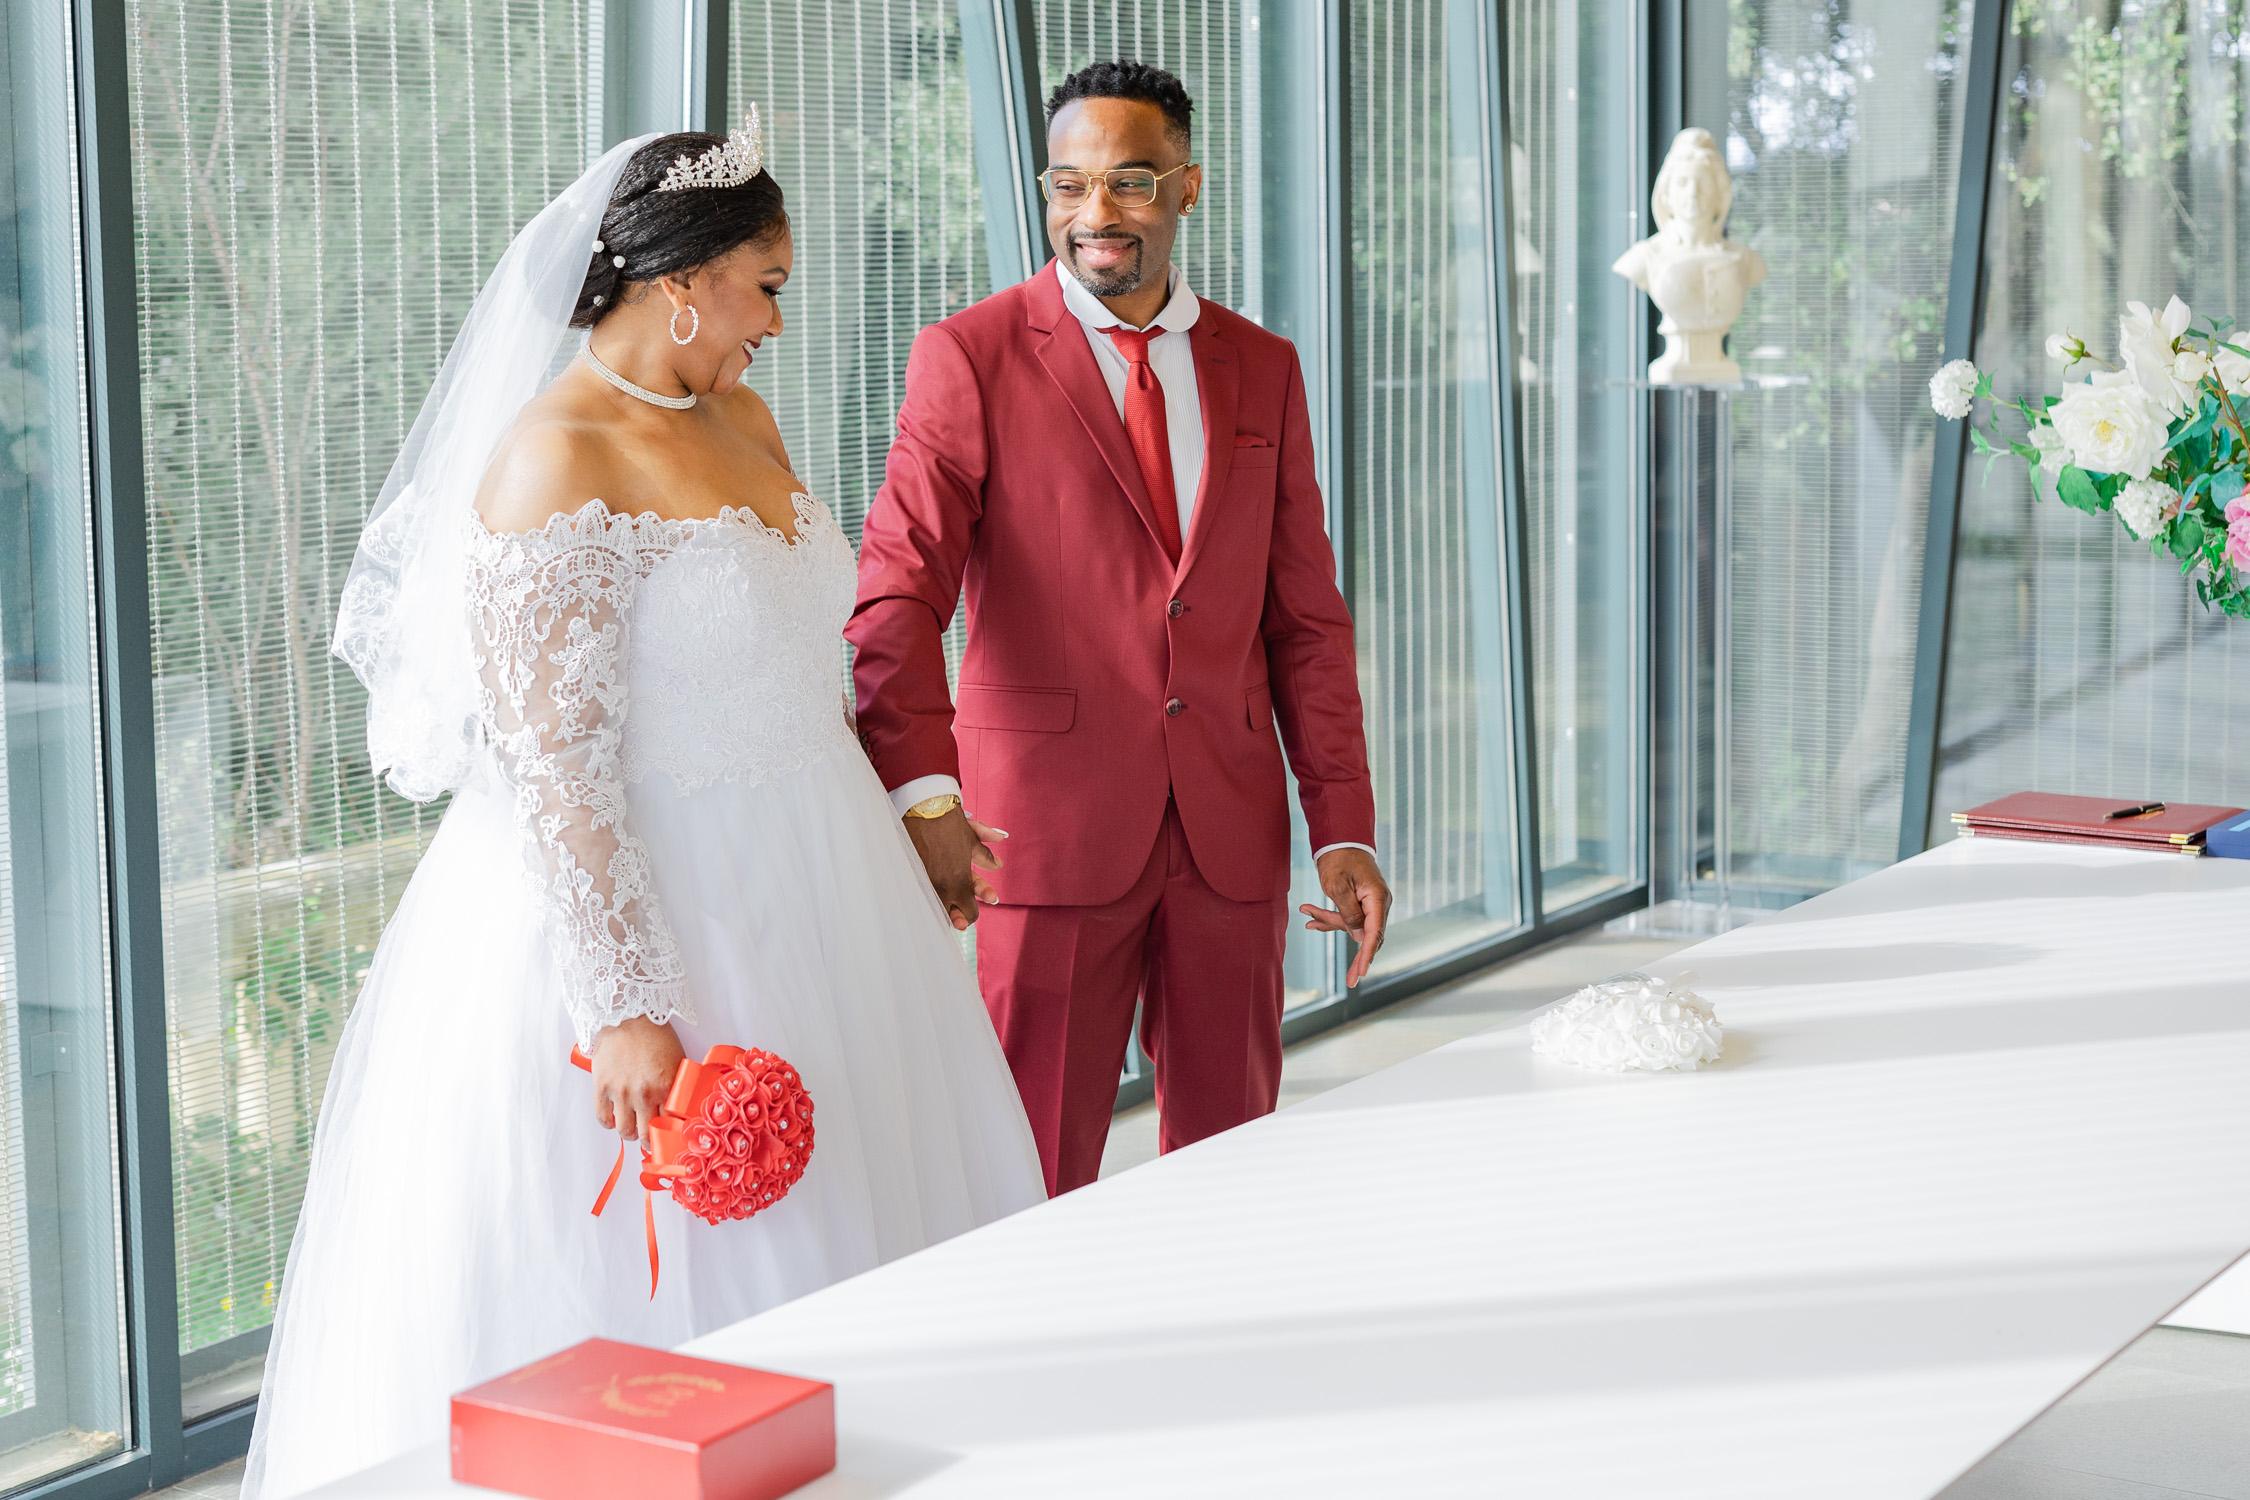 photographe-mariage – 012